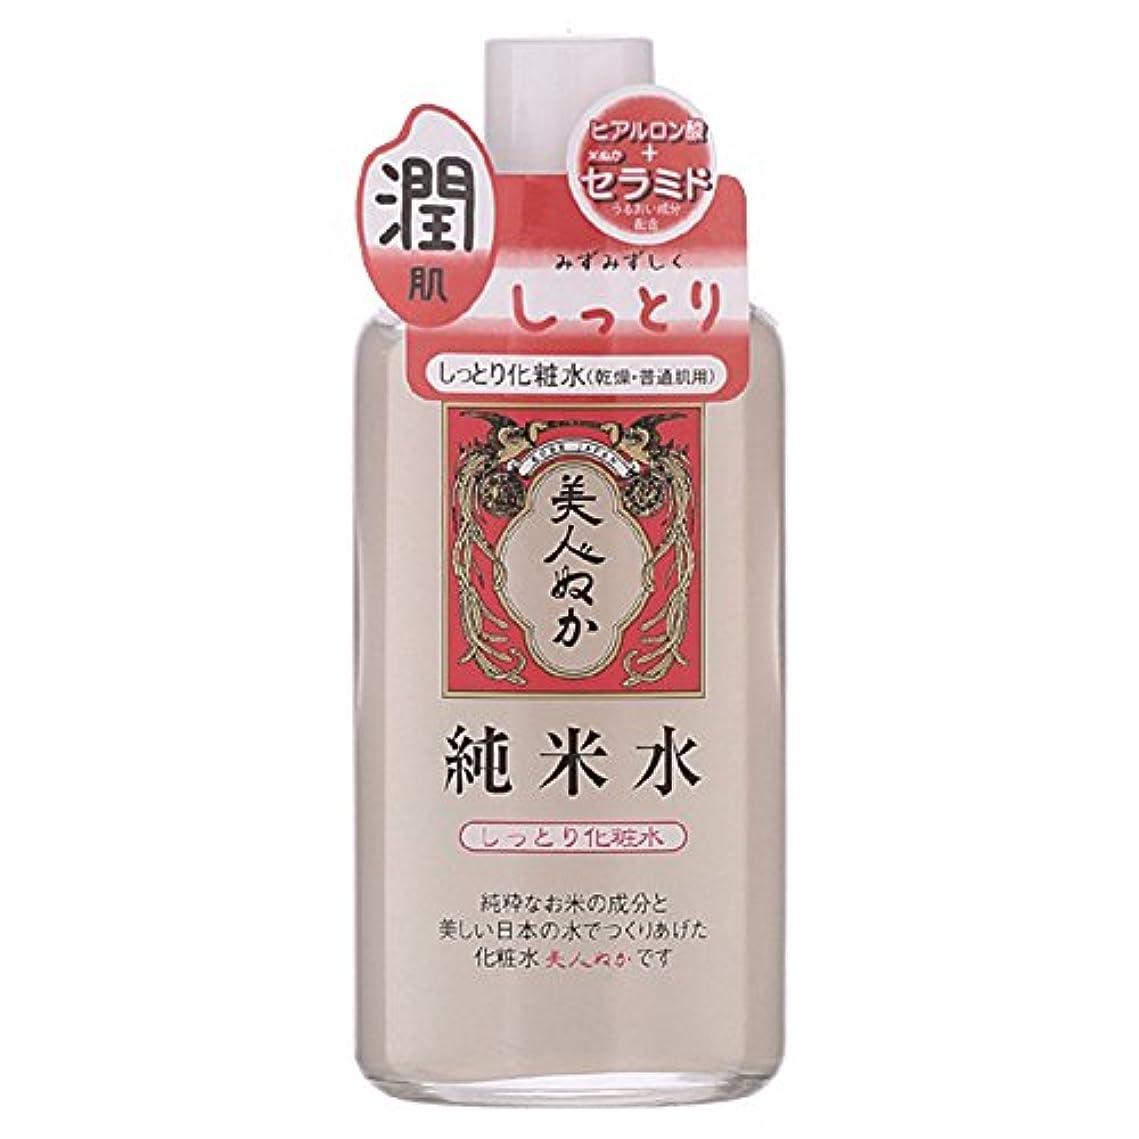 種類ロータリースタジオ美人ぬか 純米水 しっとり化粧水 130mL